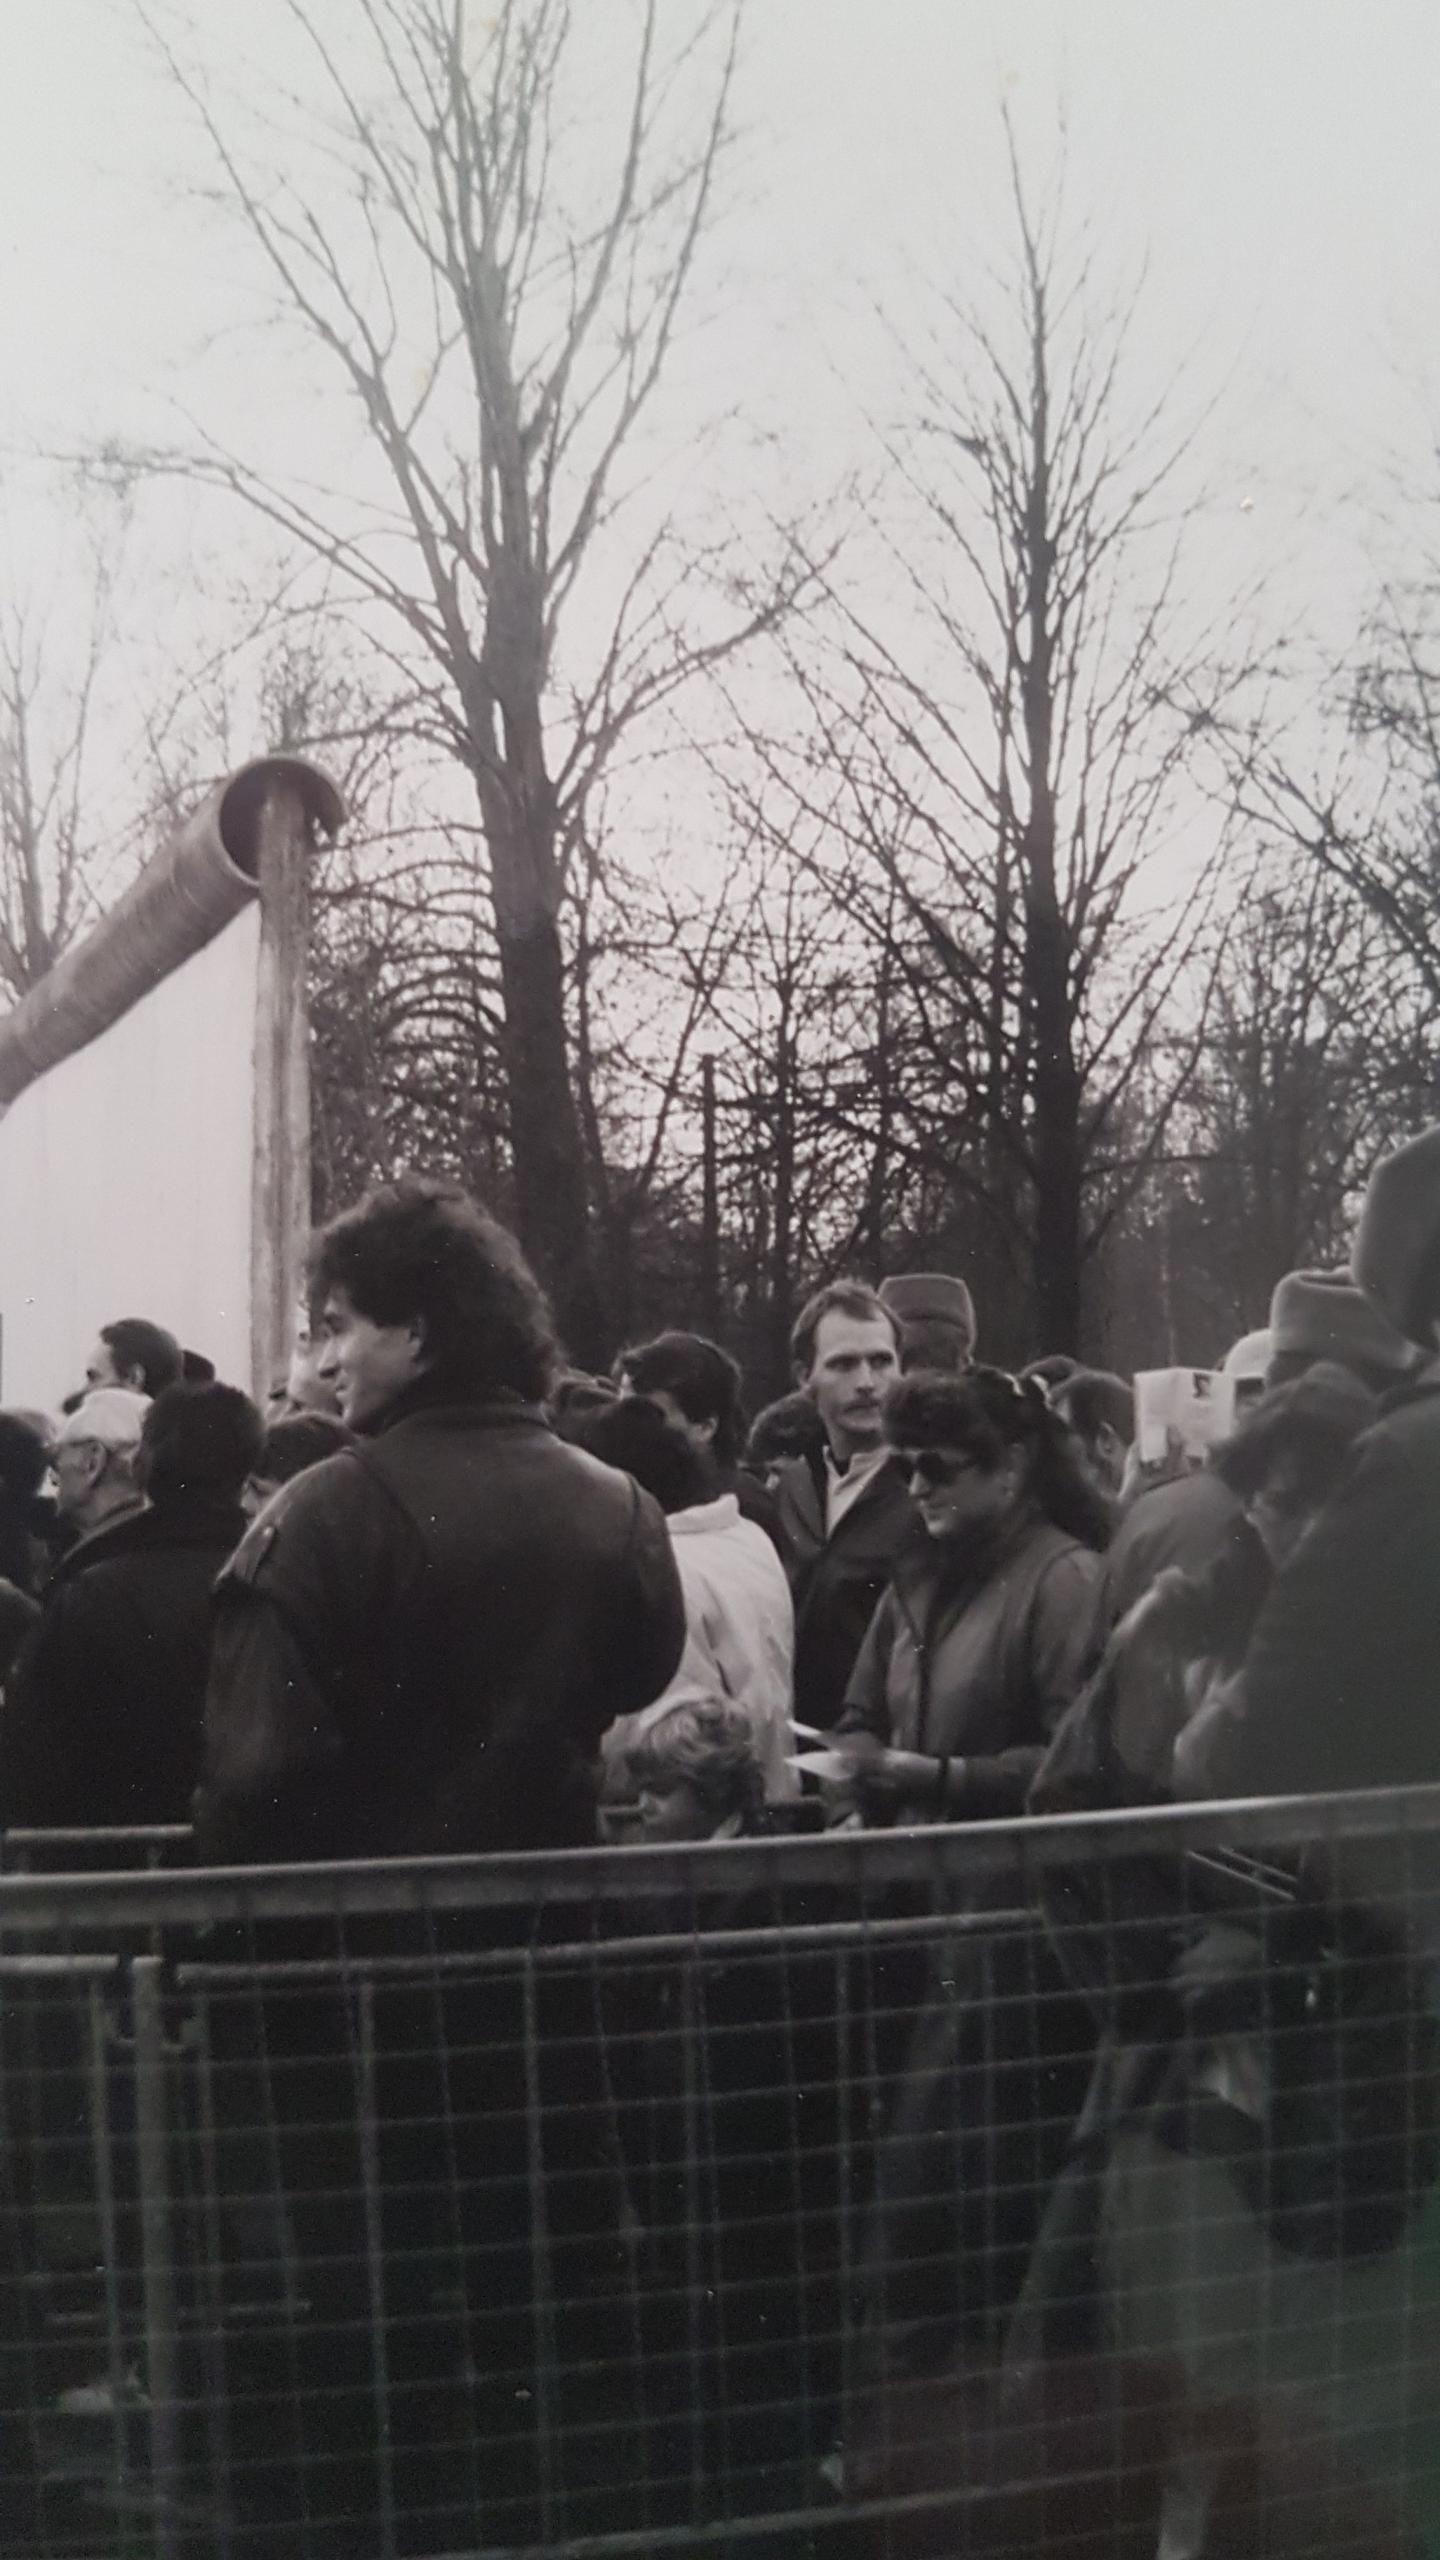 Le 9 novembre 1989, Pascal Bellenger se trouvait à Berlin.Le lendemain, il buvait le champagne au pied du Mur, tout juste